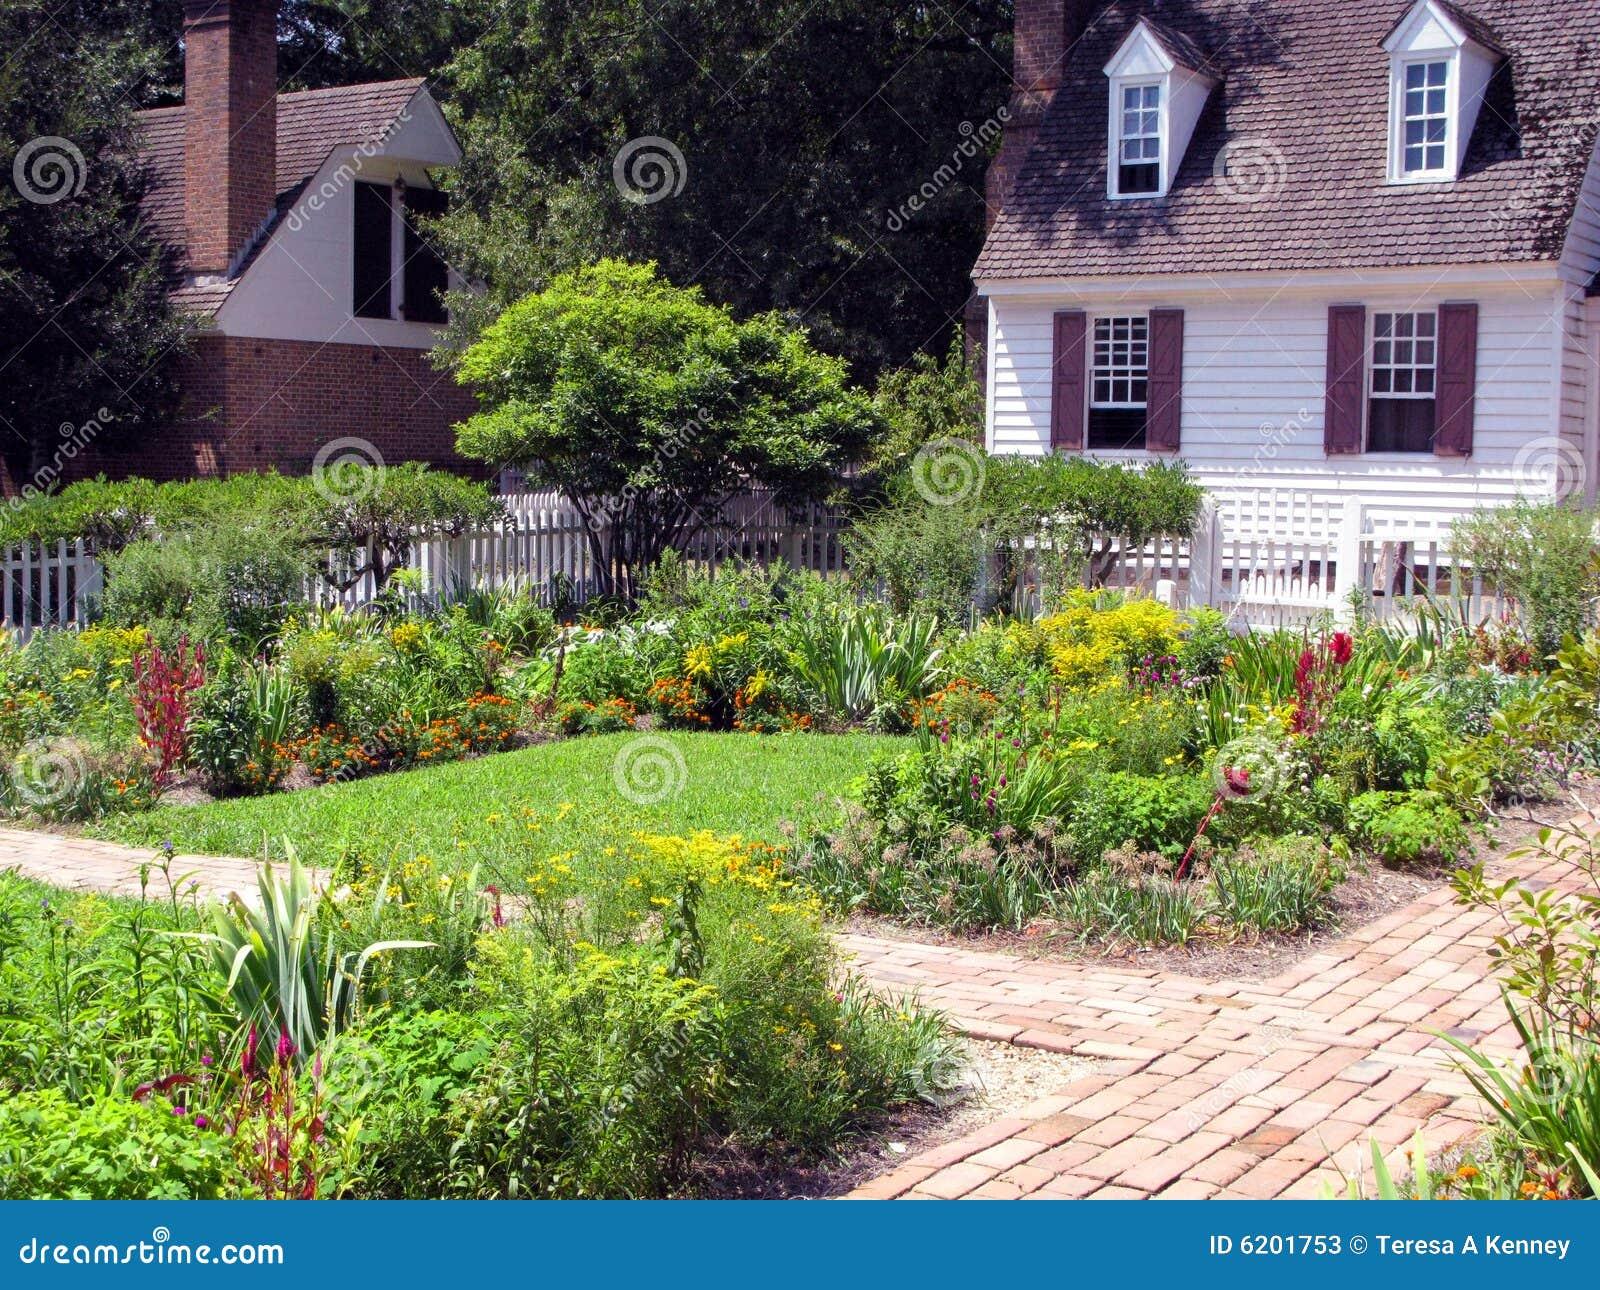 imagens jardins lindos : imagens jardins lindos:Beautiful Residential Gardens